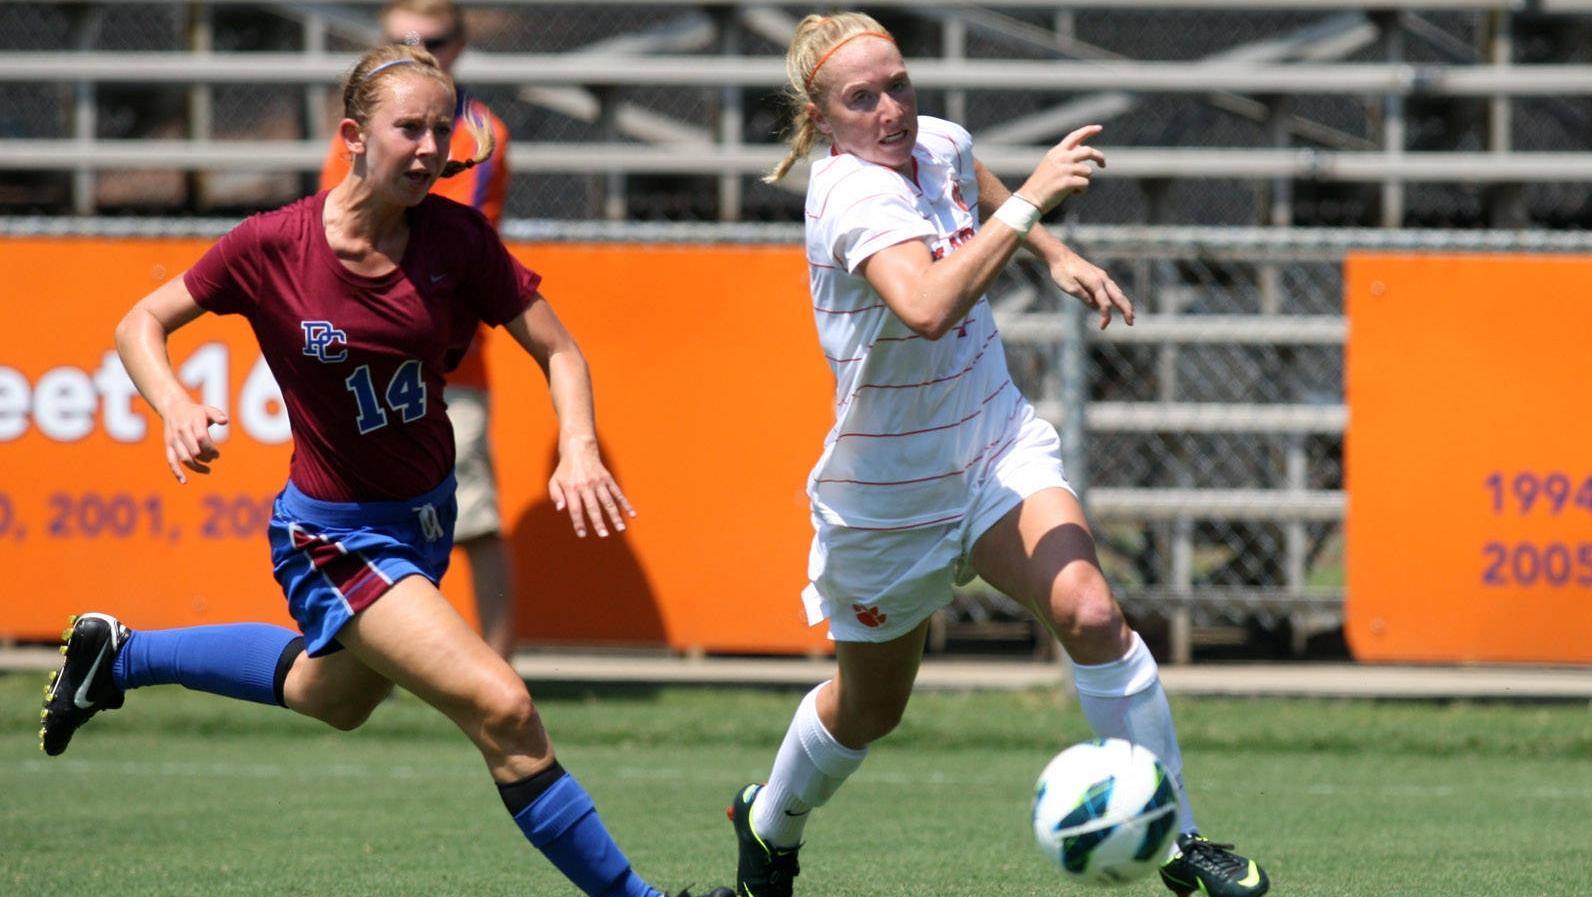 Clemson Women's Soccer Team Defeats Presbyterian College 6-0 Sunday